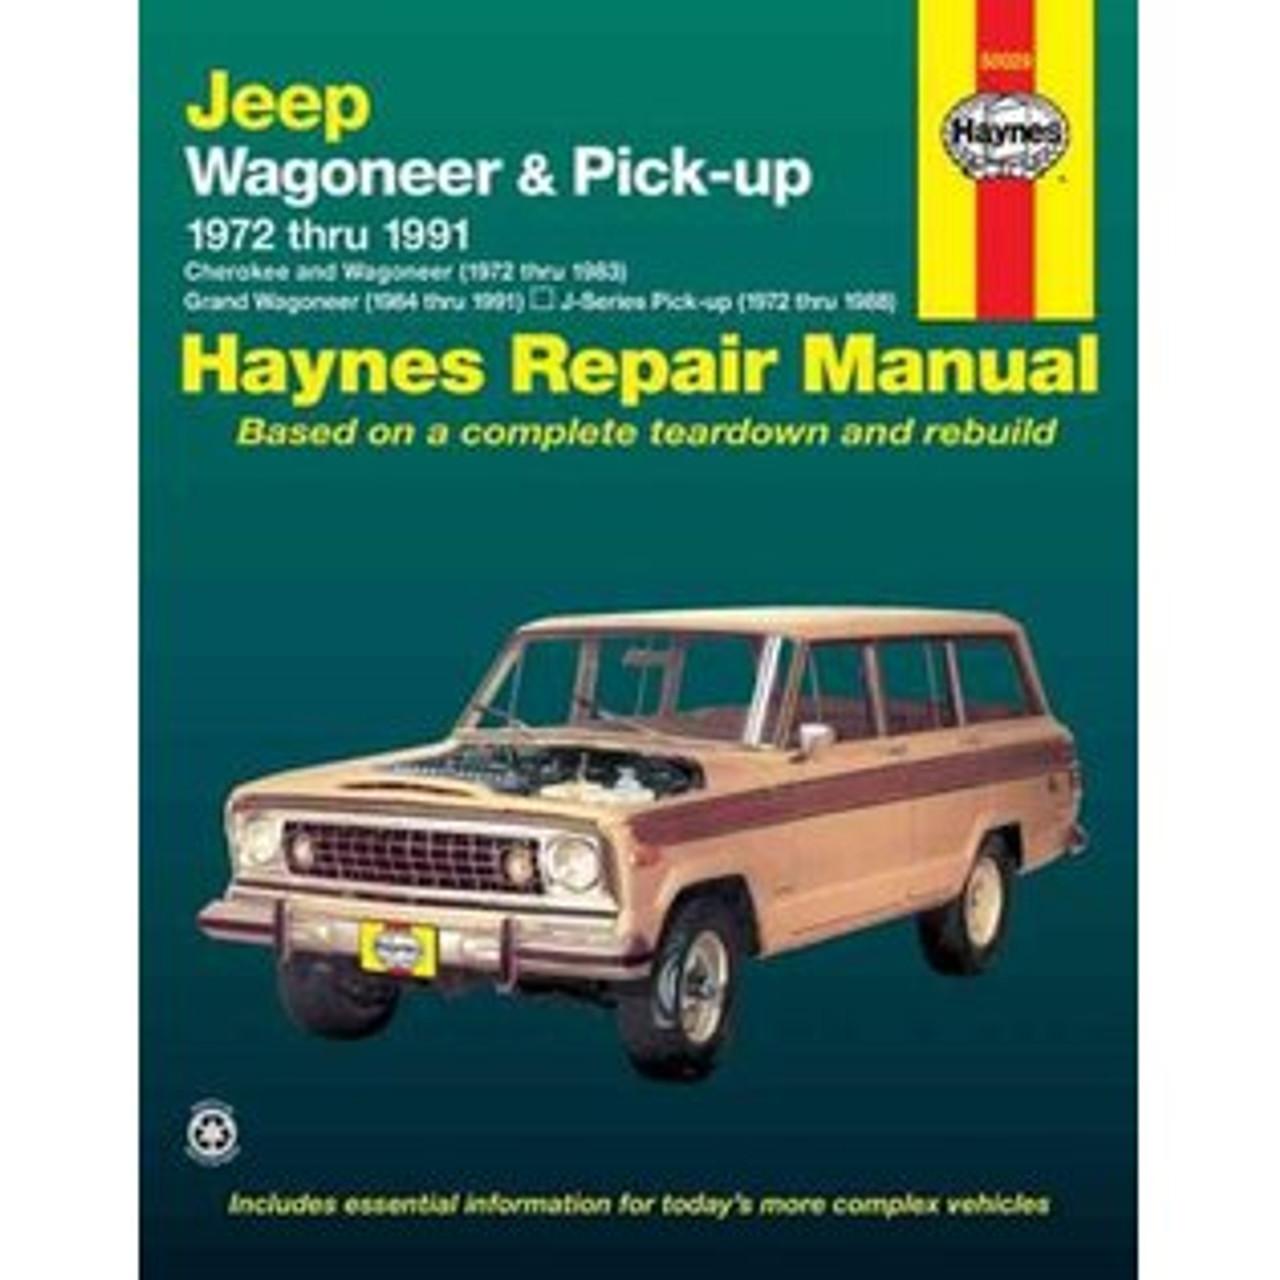 haynes repair manual jeep grand wagoneer j series trucks team rh teamgrandwagoneer com Jeep Super Wagoneer 1988 Jeep Wagoneer Limited Specs